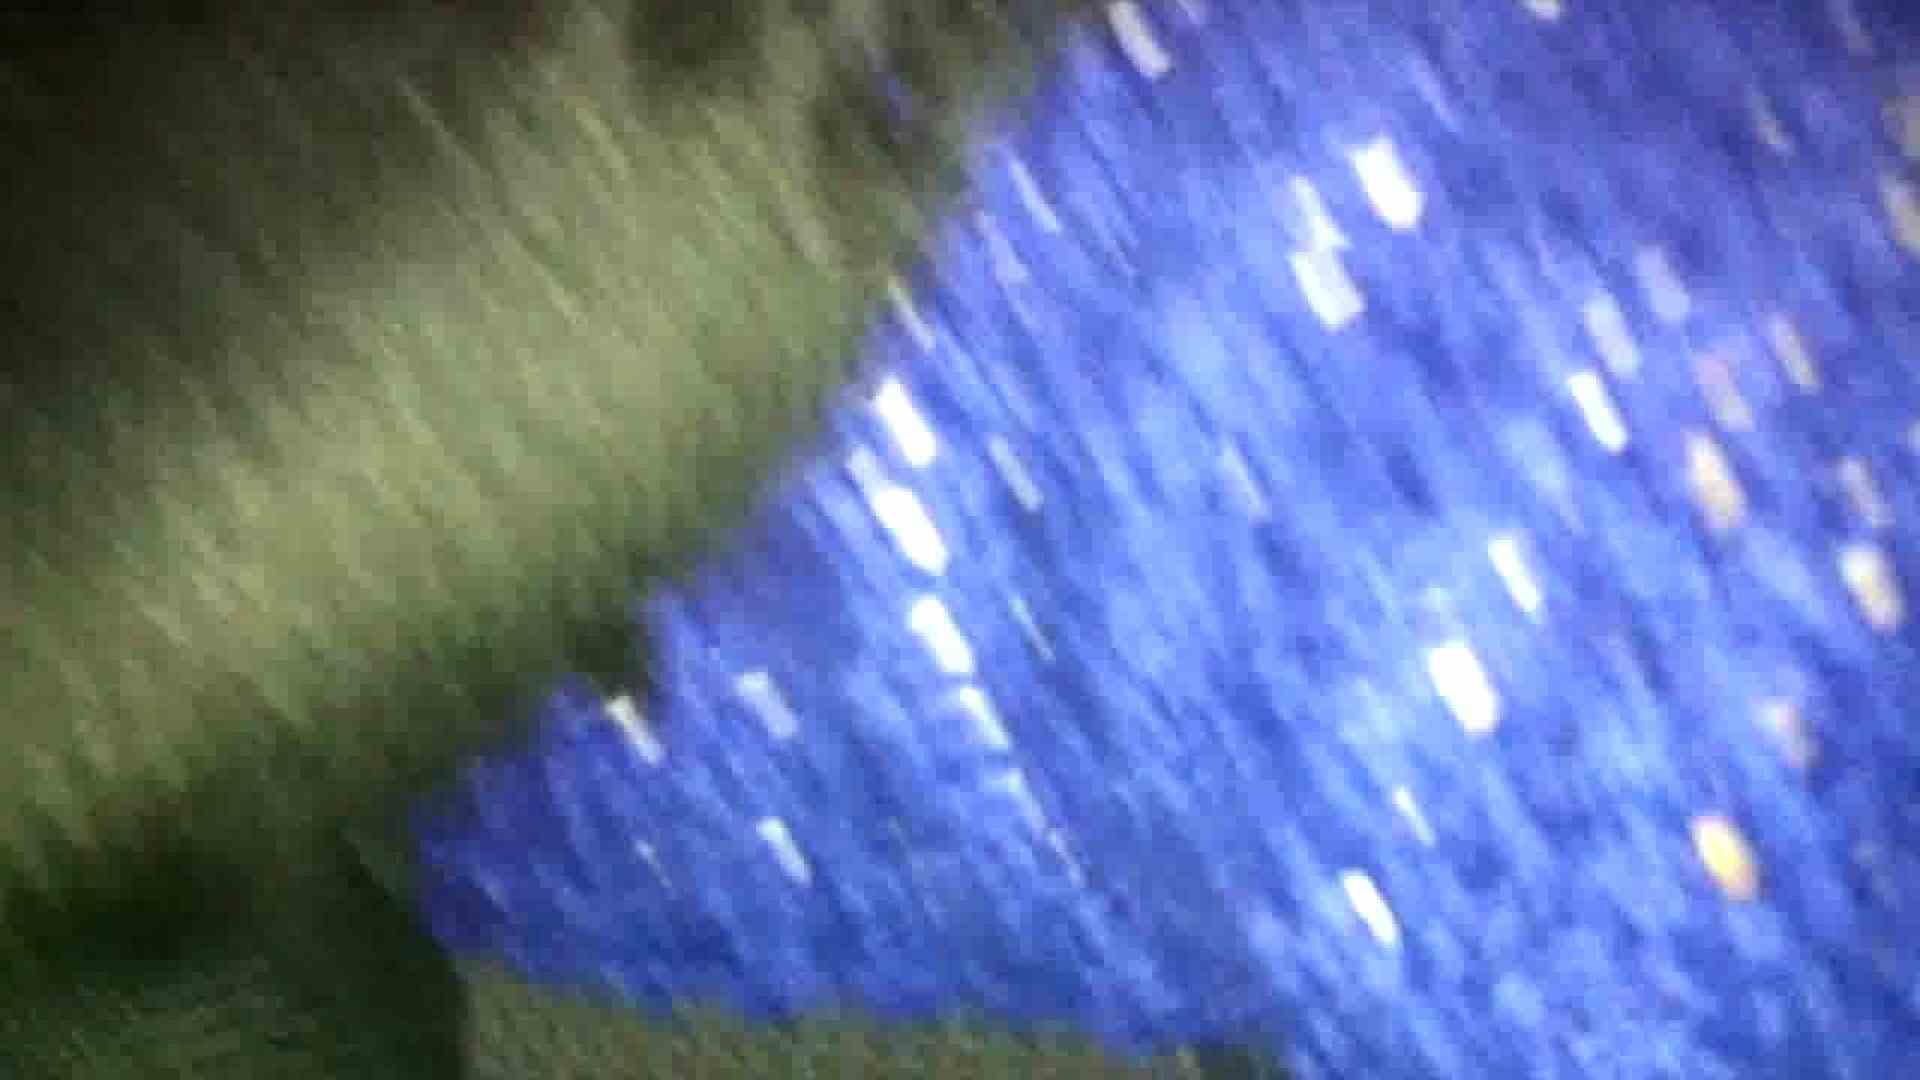 魔術師の お・も・て・な・し vol.22 コミュサイトで知り合った20歳におもてなし イタズラ | OLすけべ画像  21連発 17